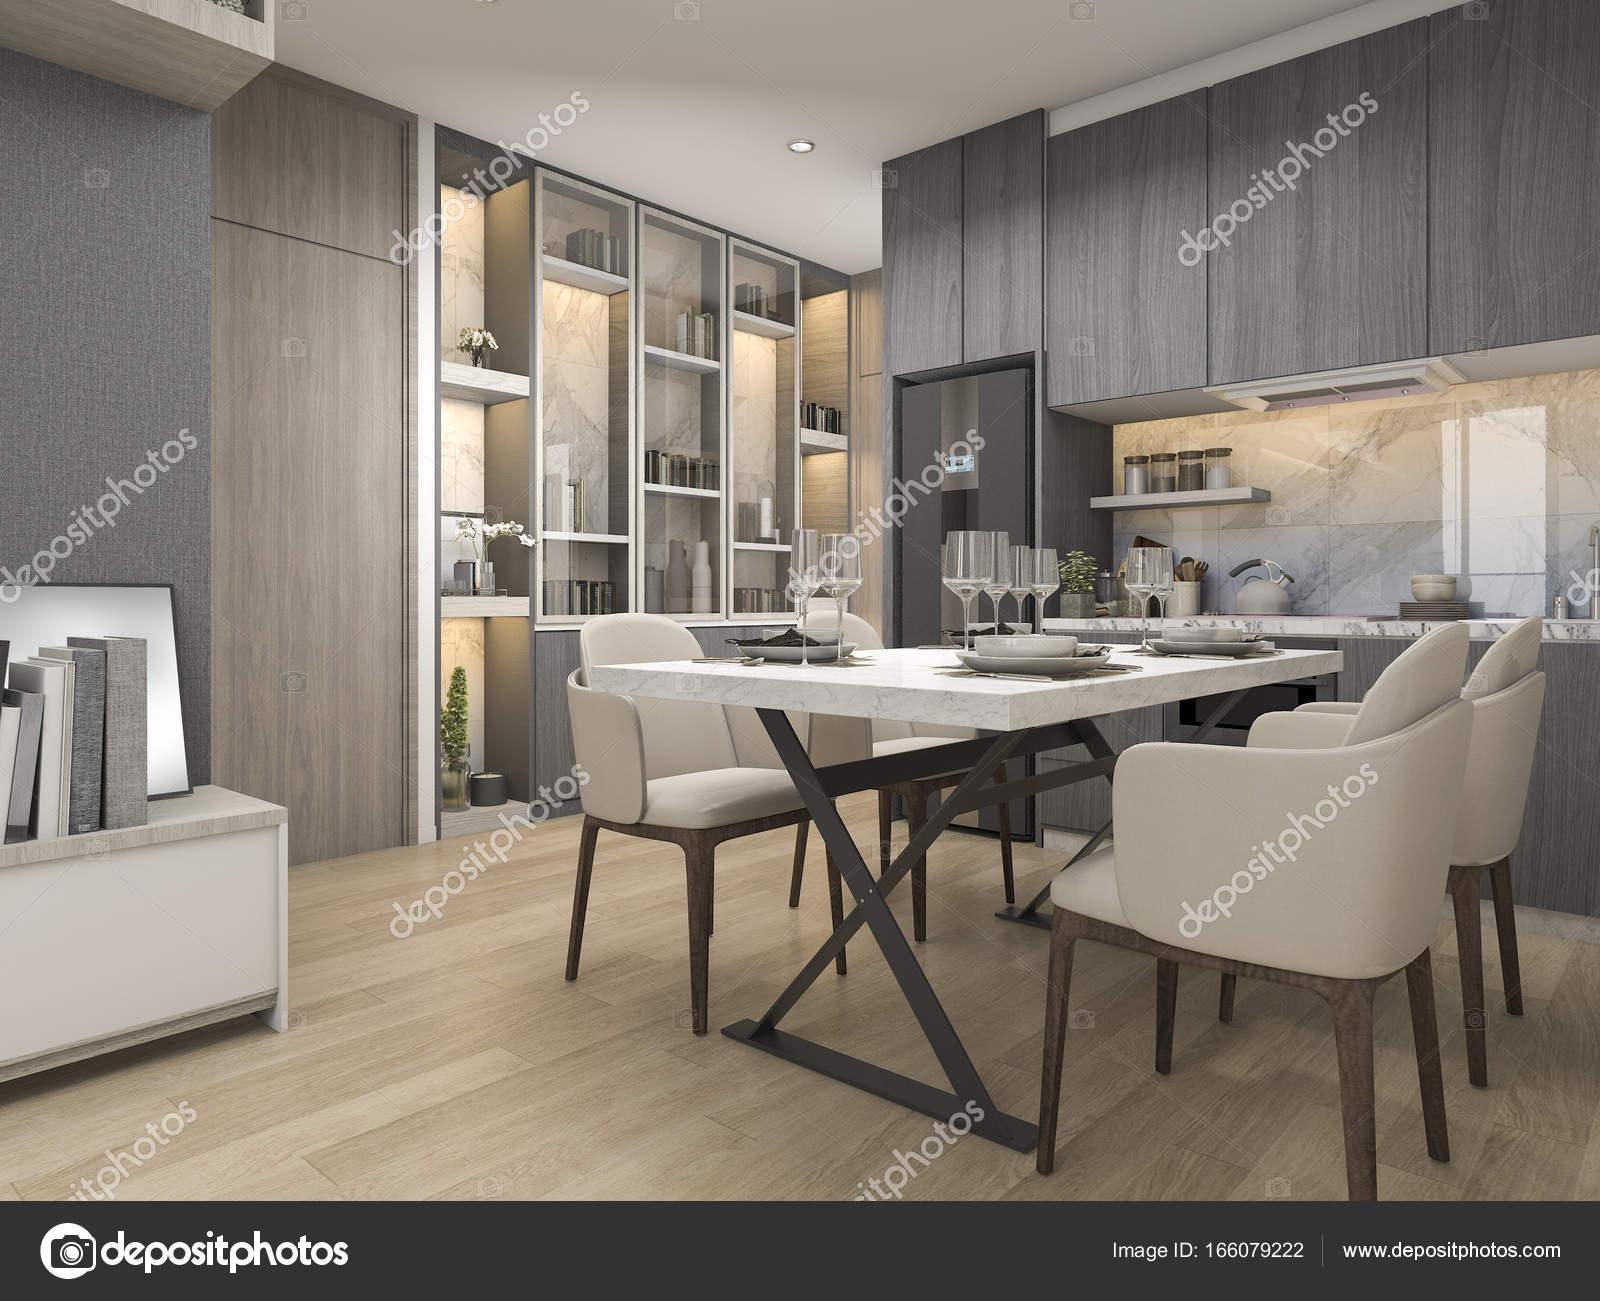 Luxe Design Keuken : D rendering wit modern en luxe design keuken met eettafel en